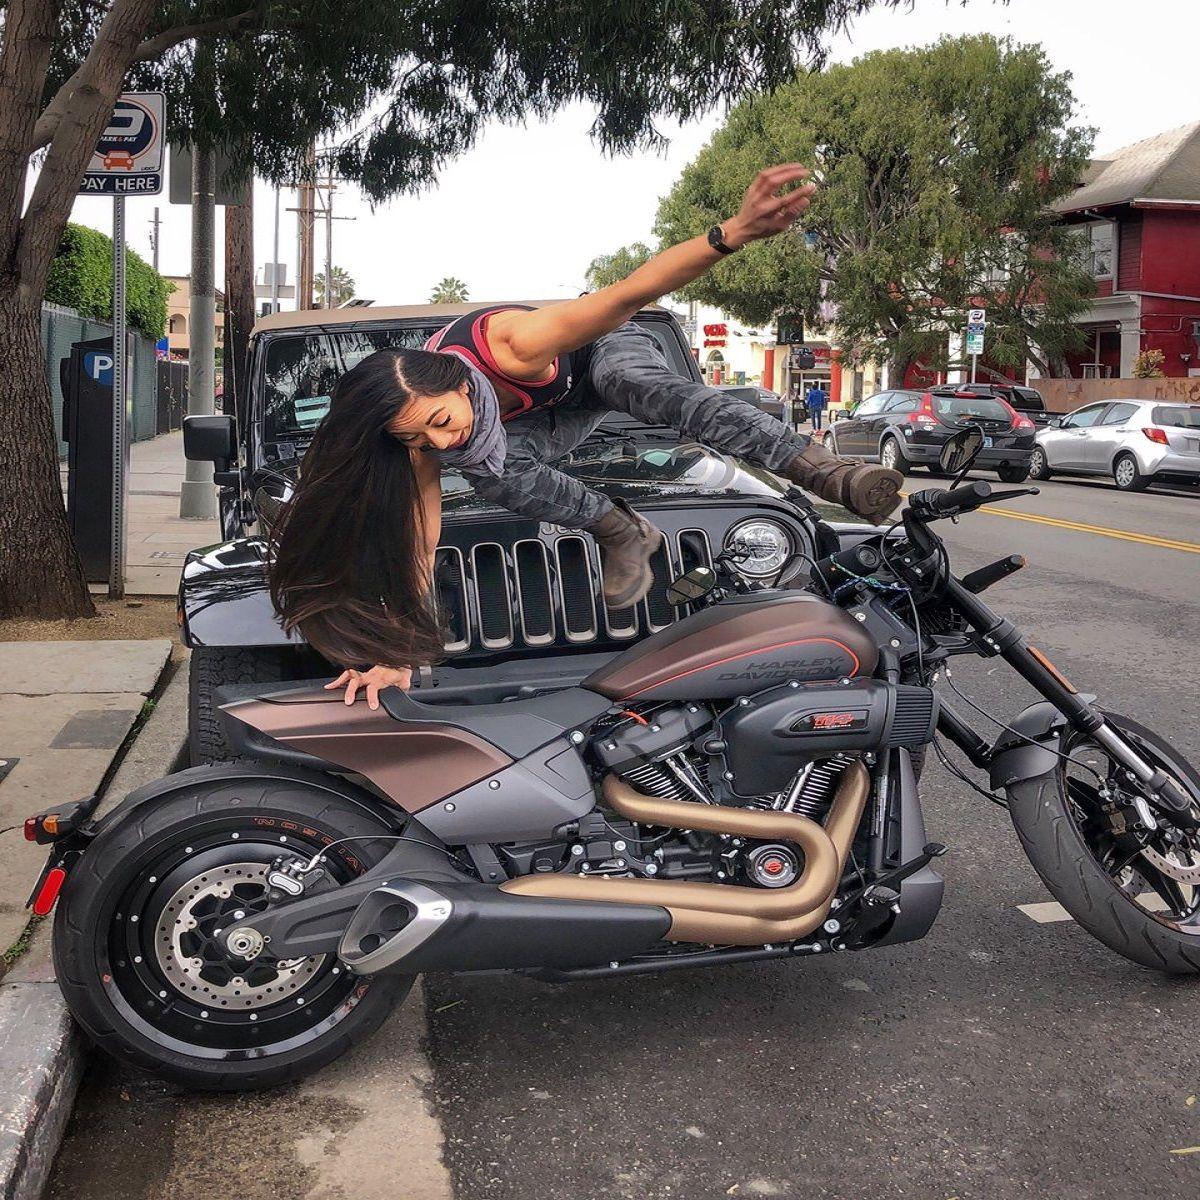 Harley Davidson Bike Models In India 2019 Harley Davidson Bikes